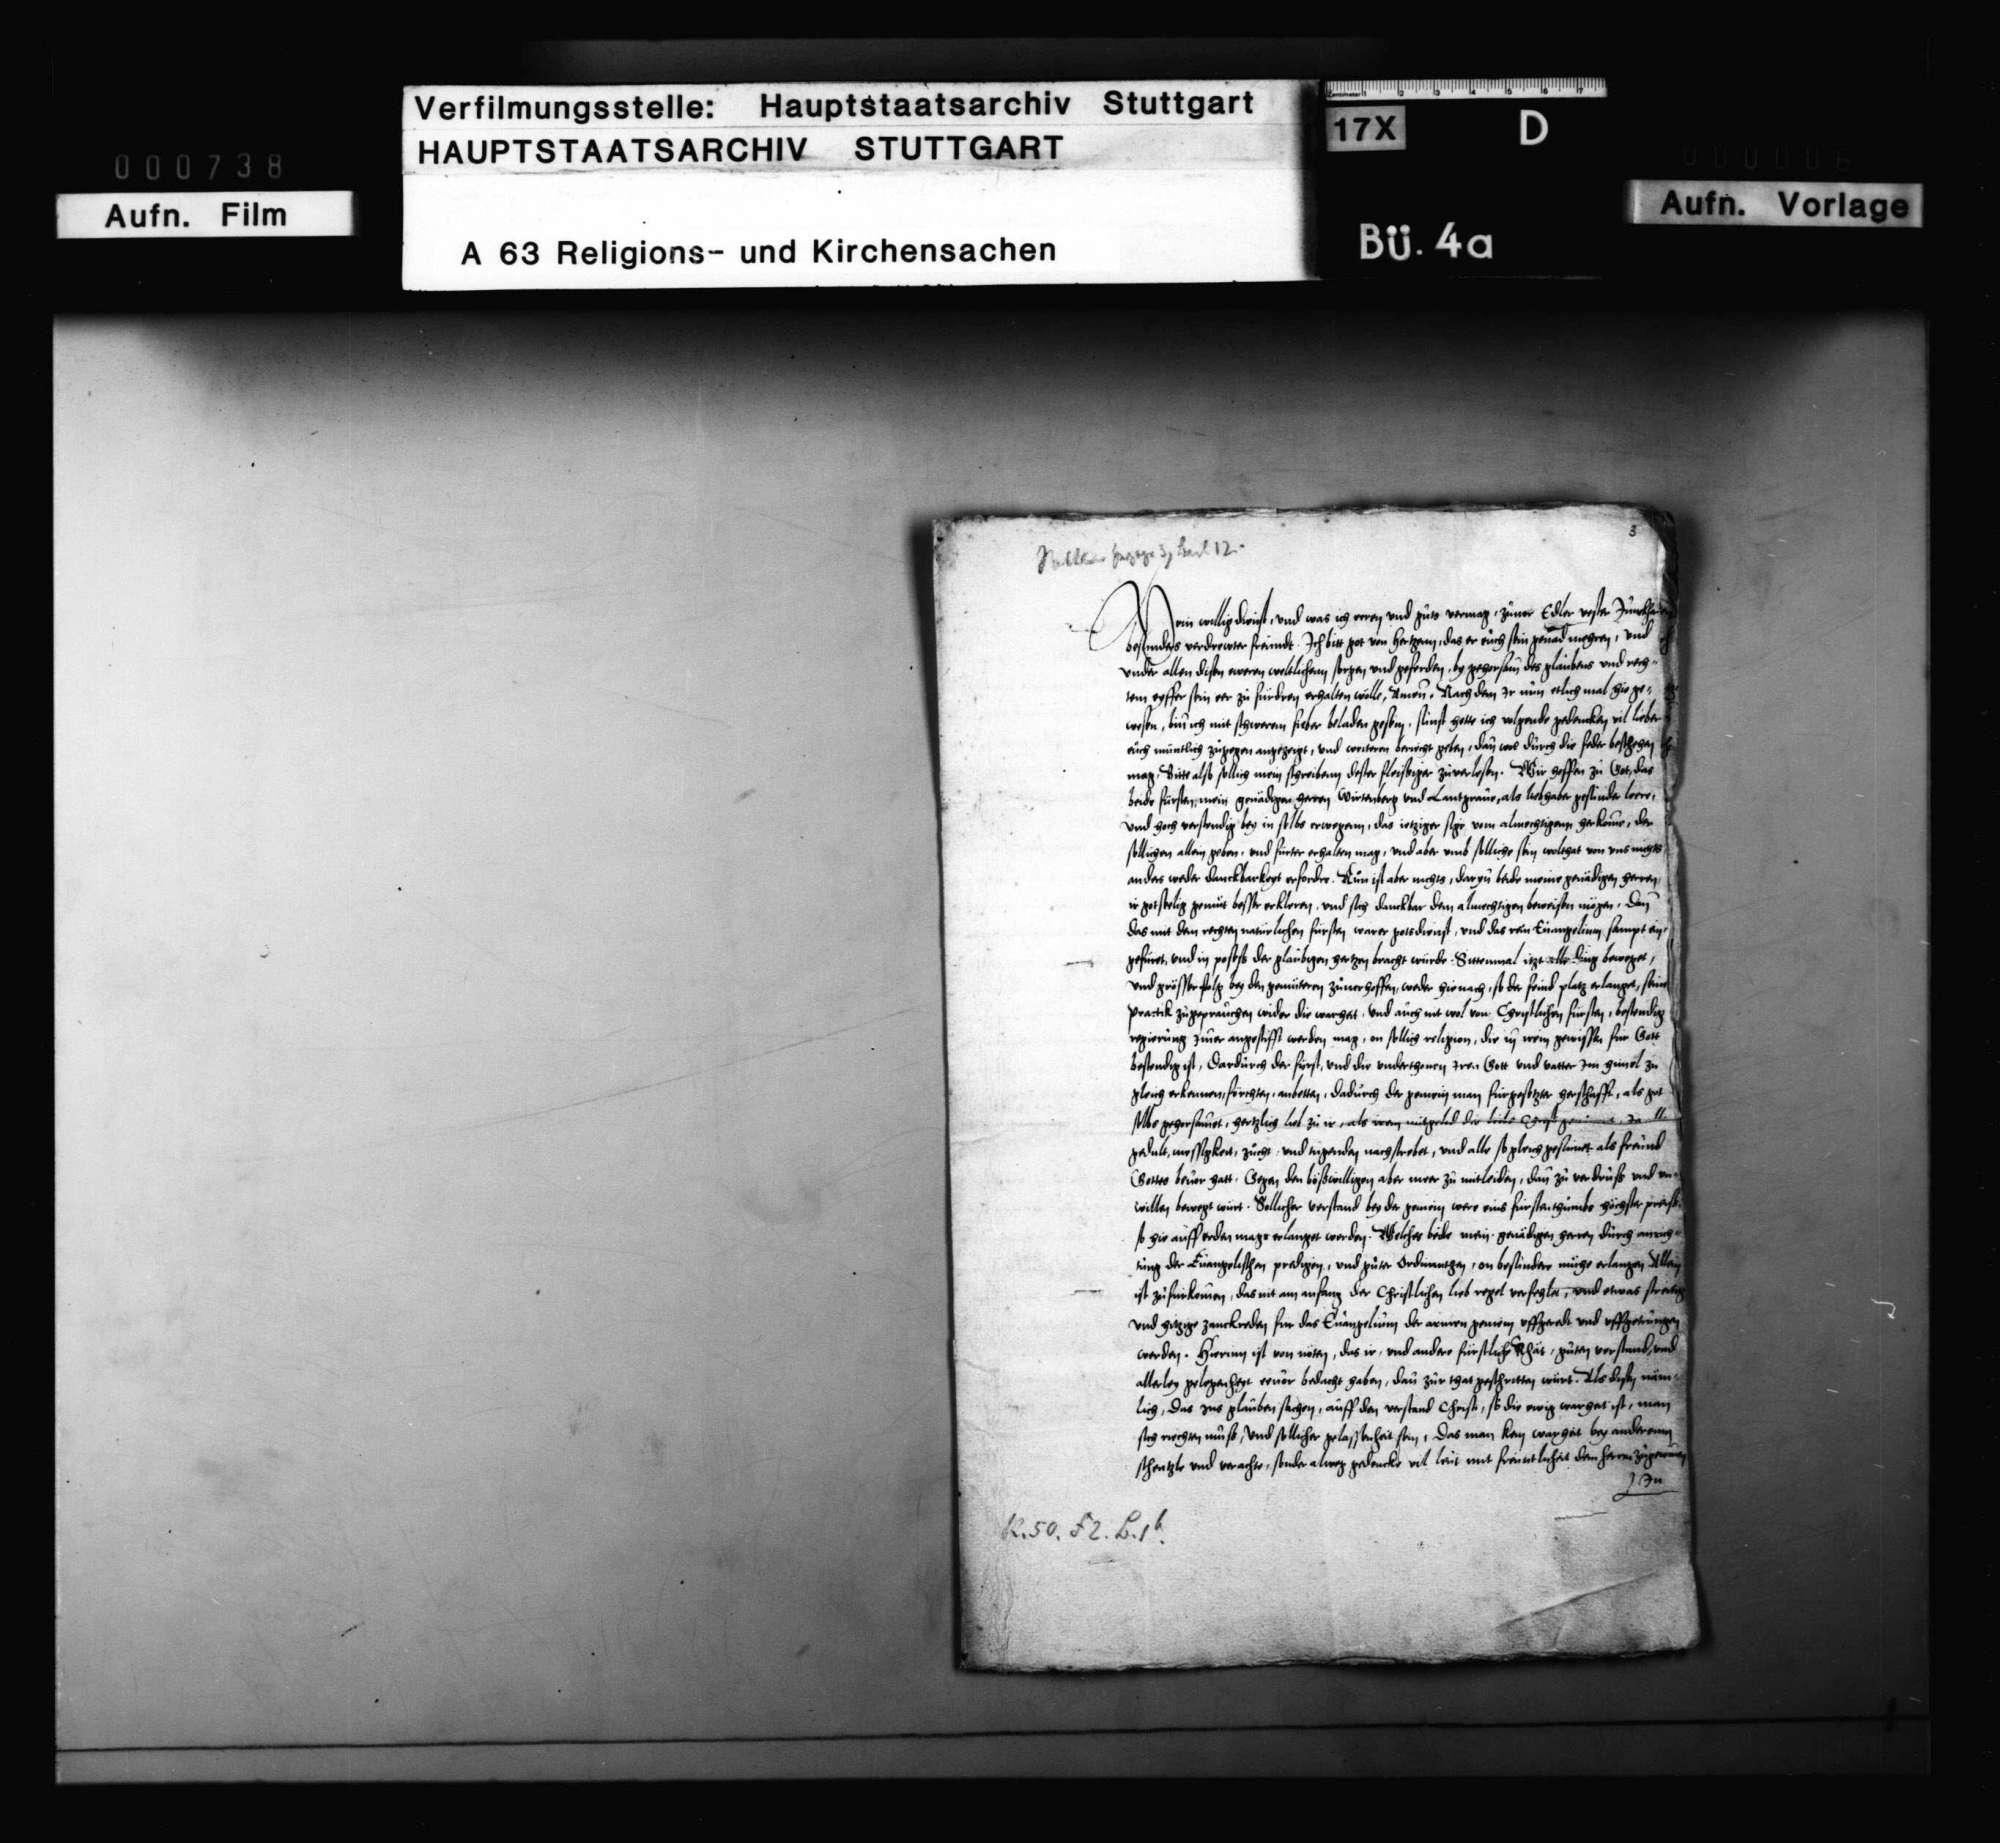 Brief Capitos mit Empfehlung zugunsten des Gregorius und Blarers sowie mit Bedenken gegen Schwenkfeld, Bild 2